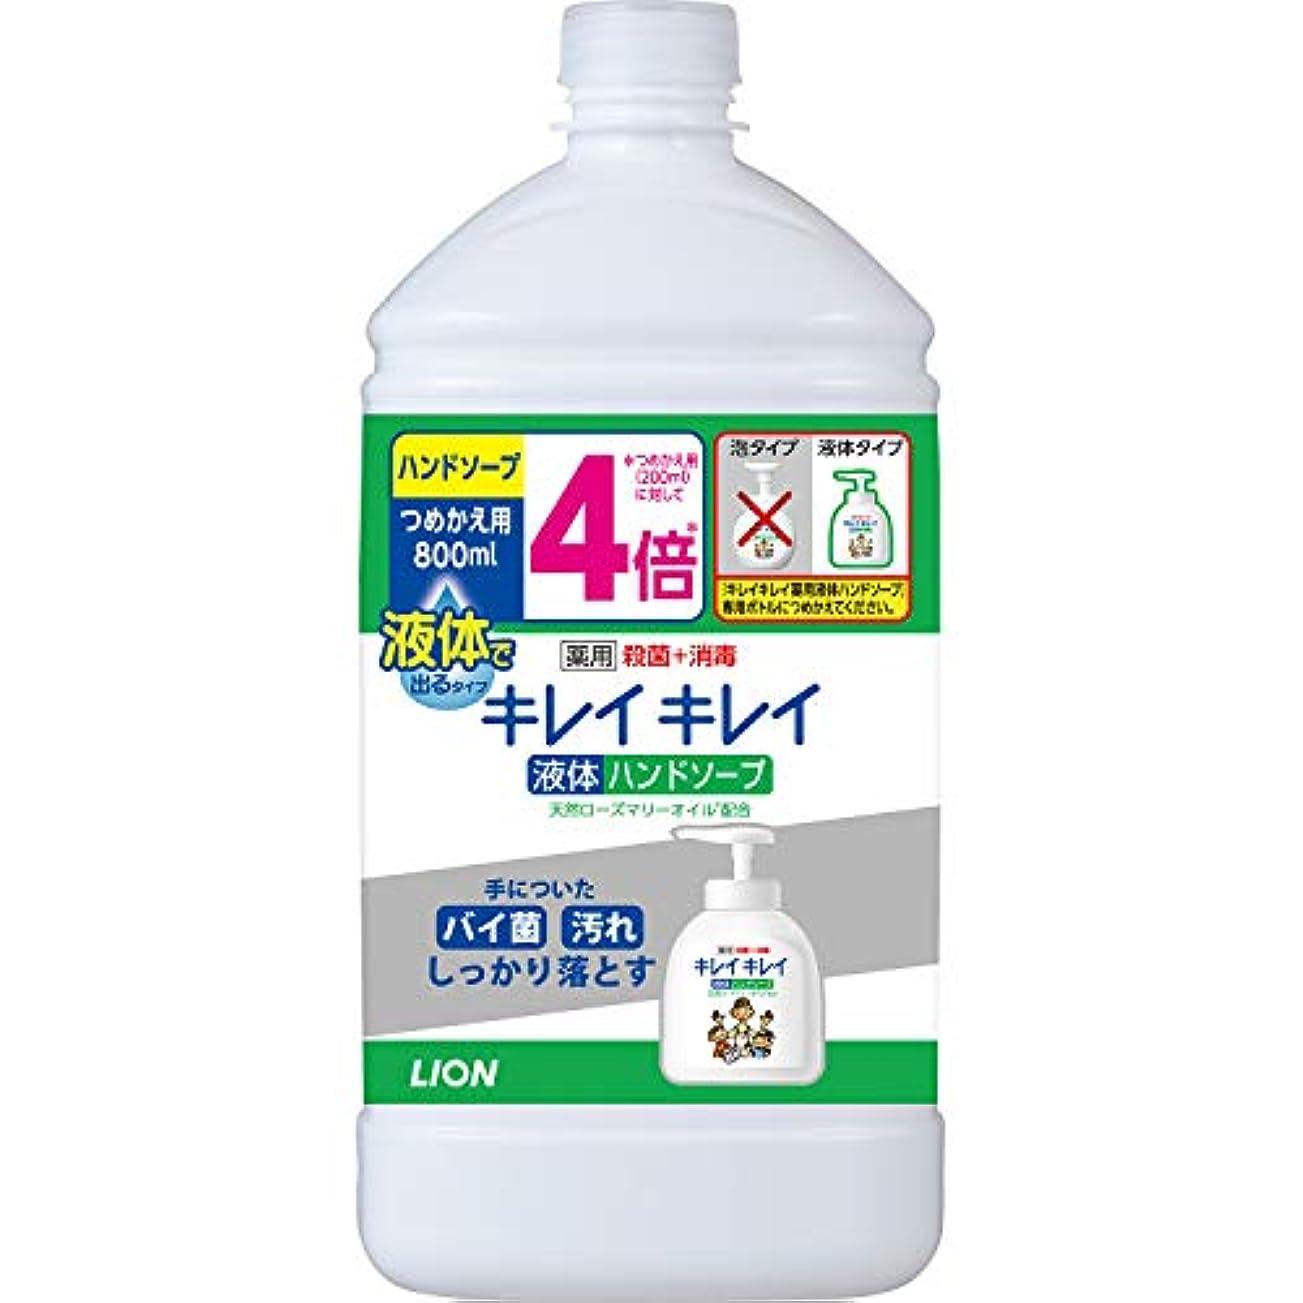 ダッシュ出撃者間(医薬部外品)【大容量】キレイキレイ 薬用 液体ハンドソープ 詰替特大 800ml